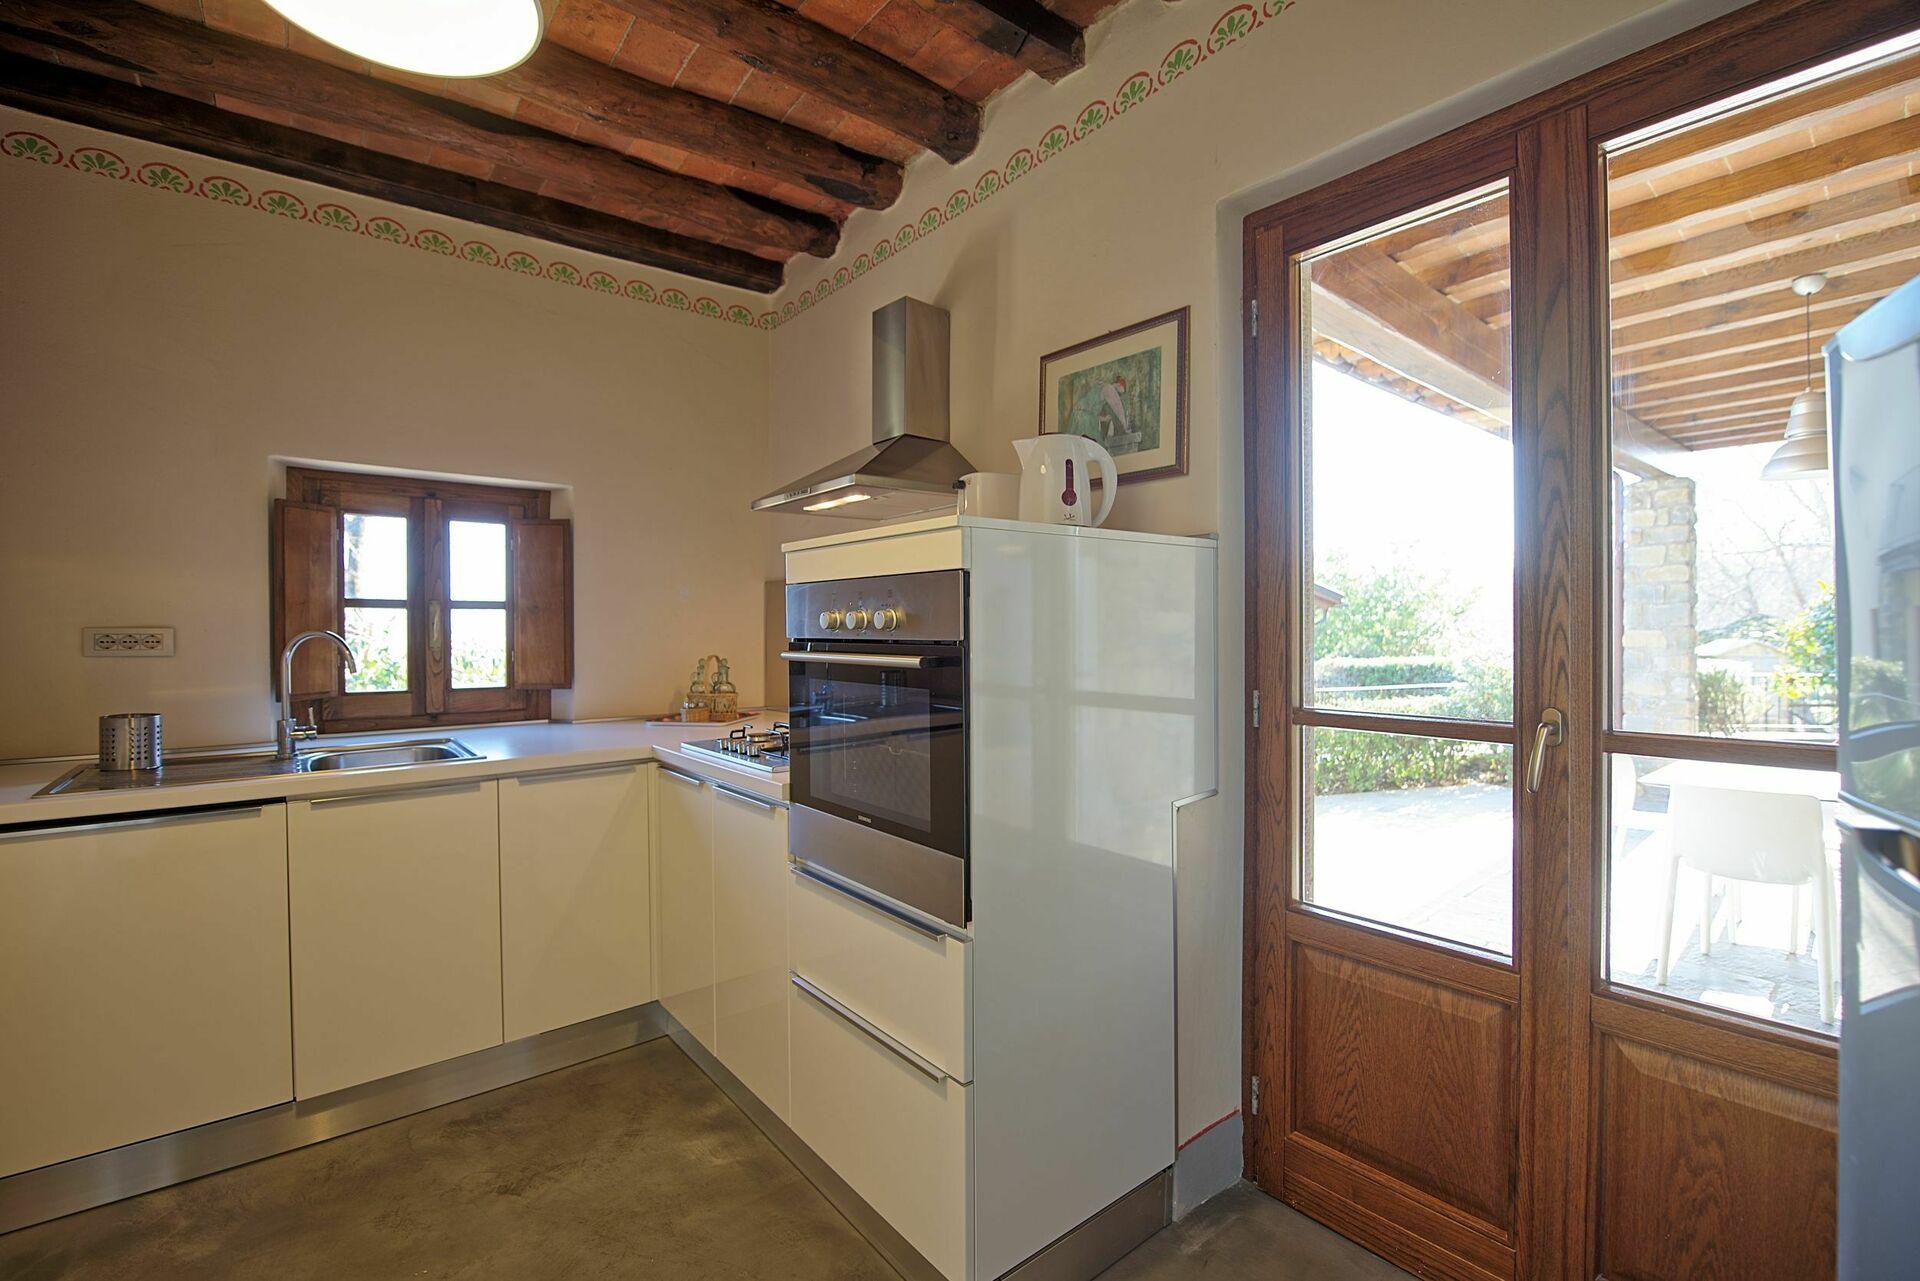 ciliegio luxus ferienwohnung in poppi toskana 4 schlafpl tze und 2 schlafzimmer luxus. Black Bedroom Furniture Sets. Home Design Ideas